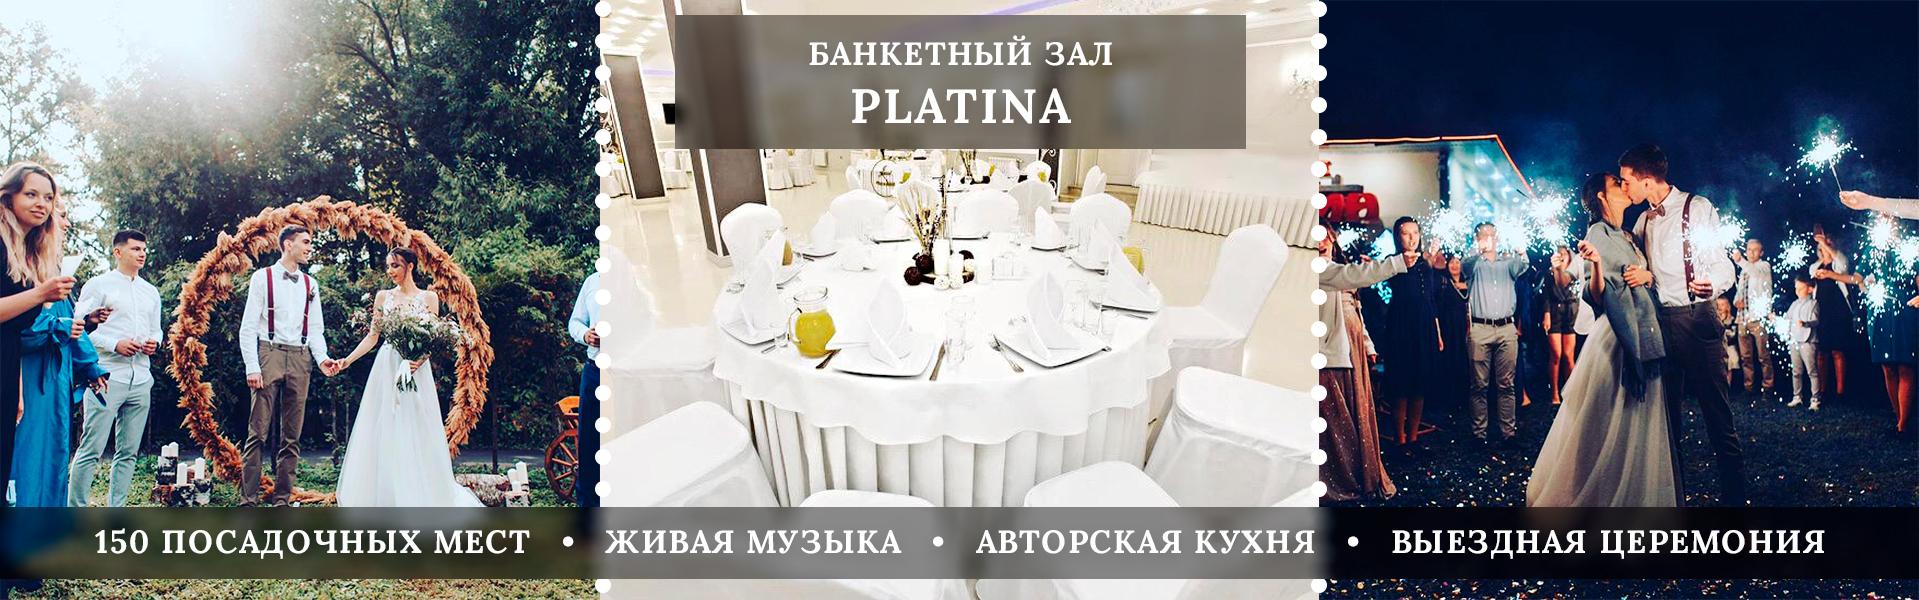 Банкетный зал PLATINA